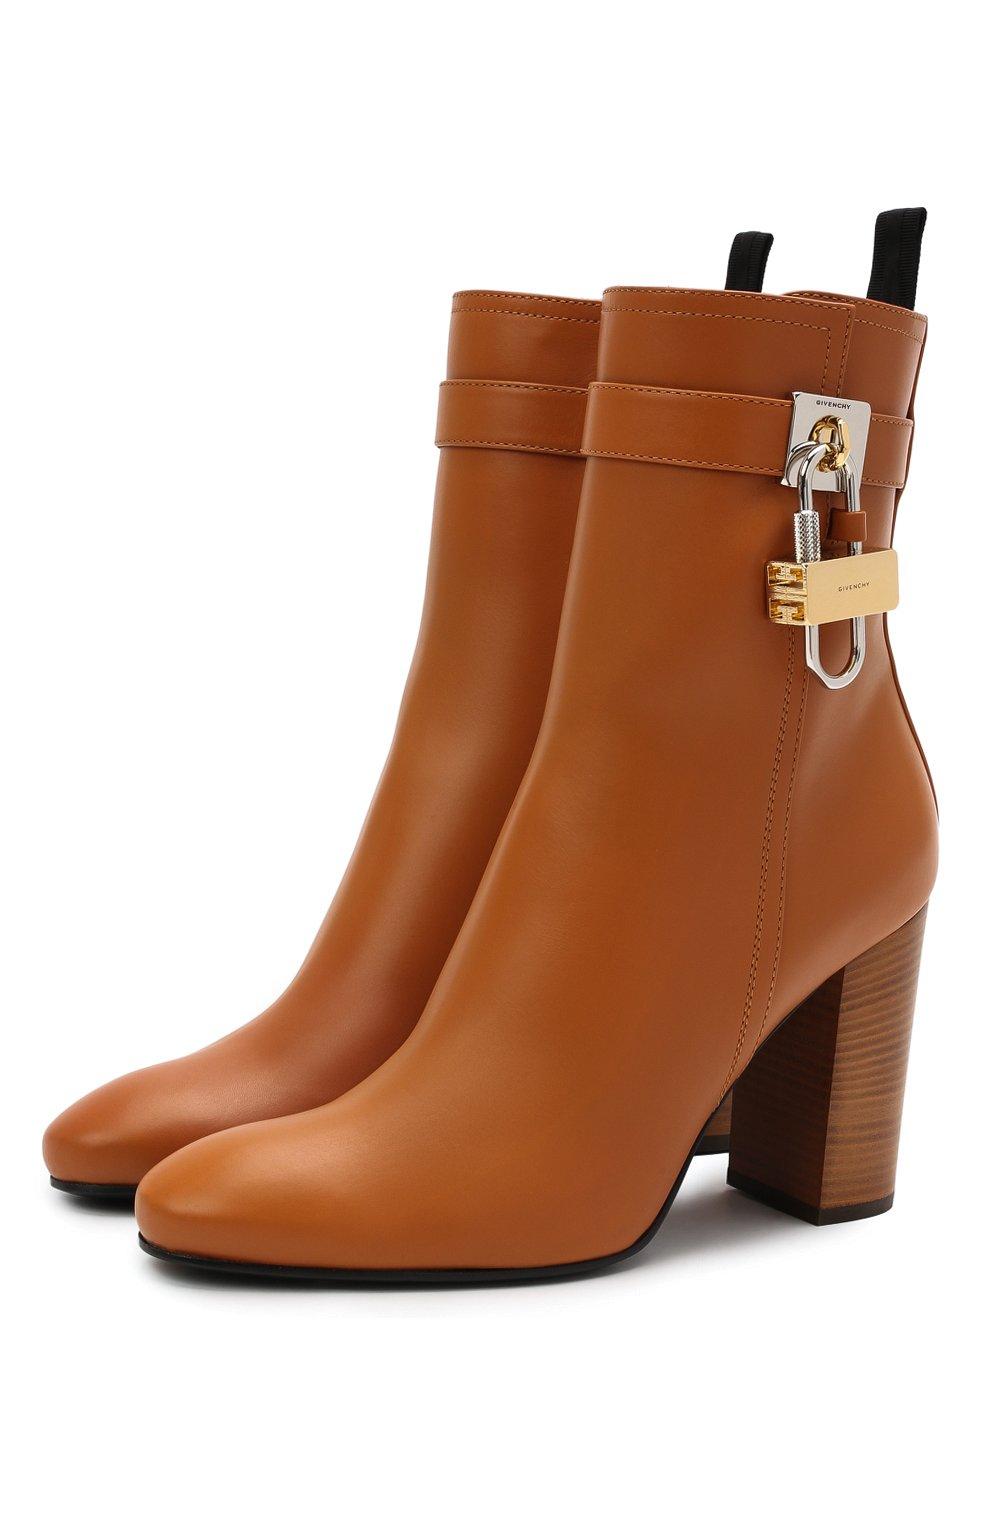 Женские кожаные ботильоны lock GIVENCHY светло-коричневого цвета, арт. BE602QE0YT   Фото 1 (Каблук высота: Высокий; Материал внутренний: Натуральная кожа; Каблук тип: Устойчивый; Подошва: Плоская)